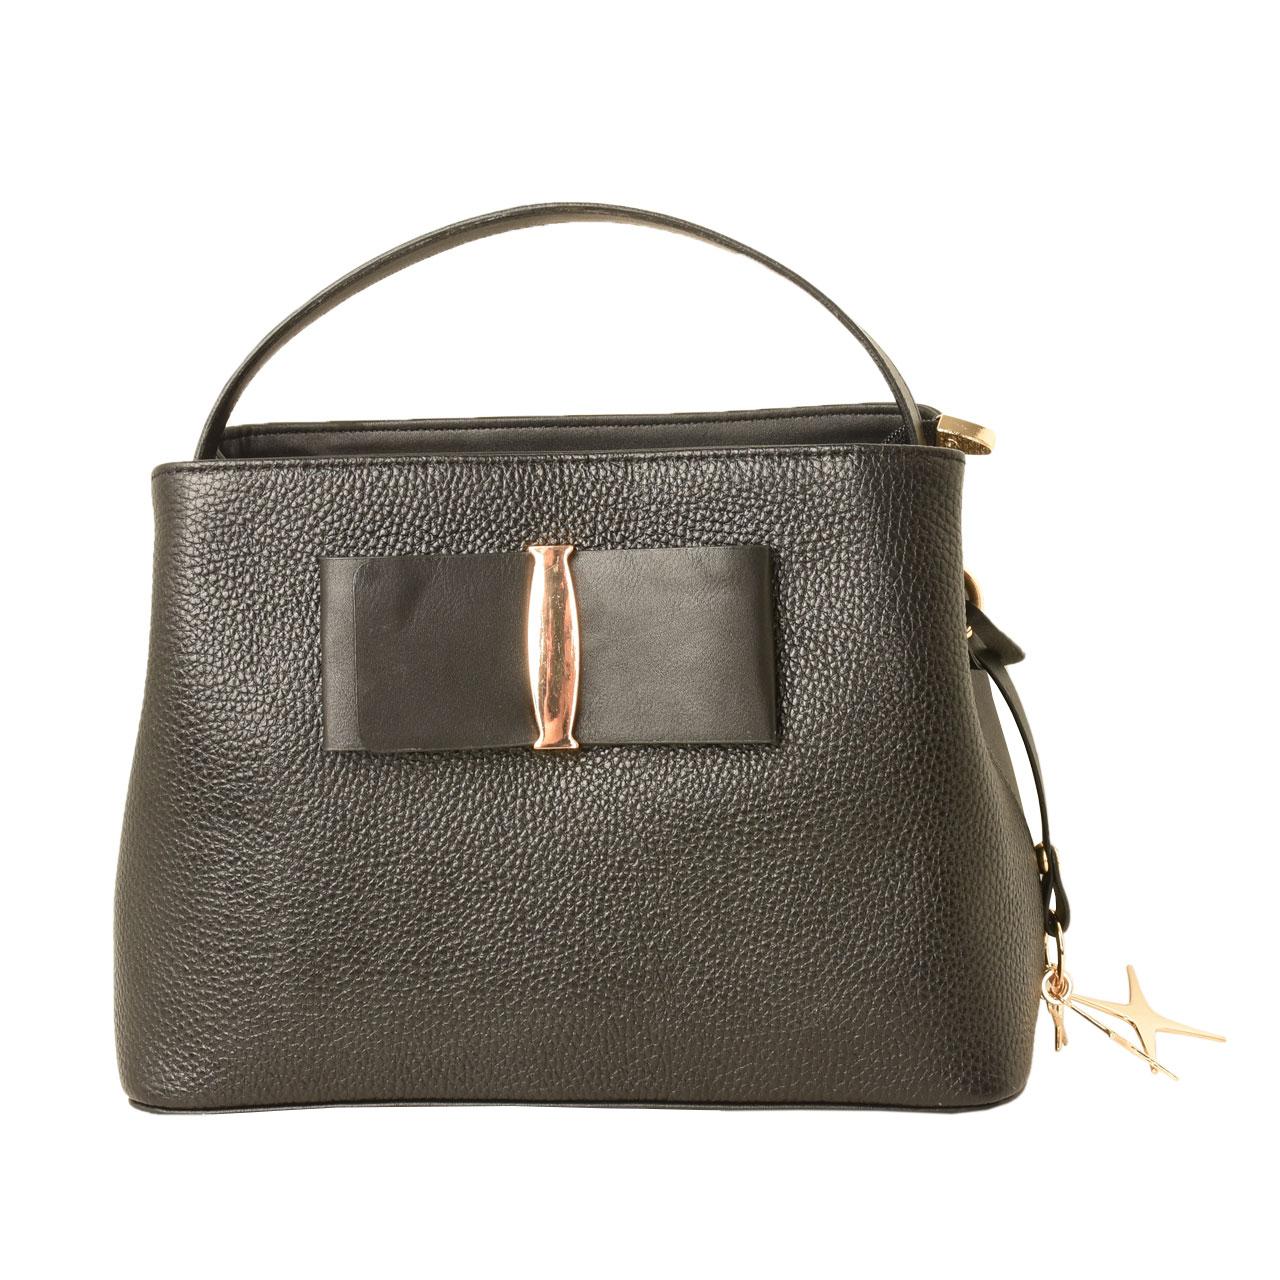 کیف دستی زنانه پارینه مدل PLV148-1575